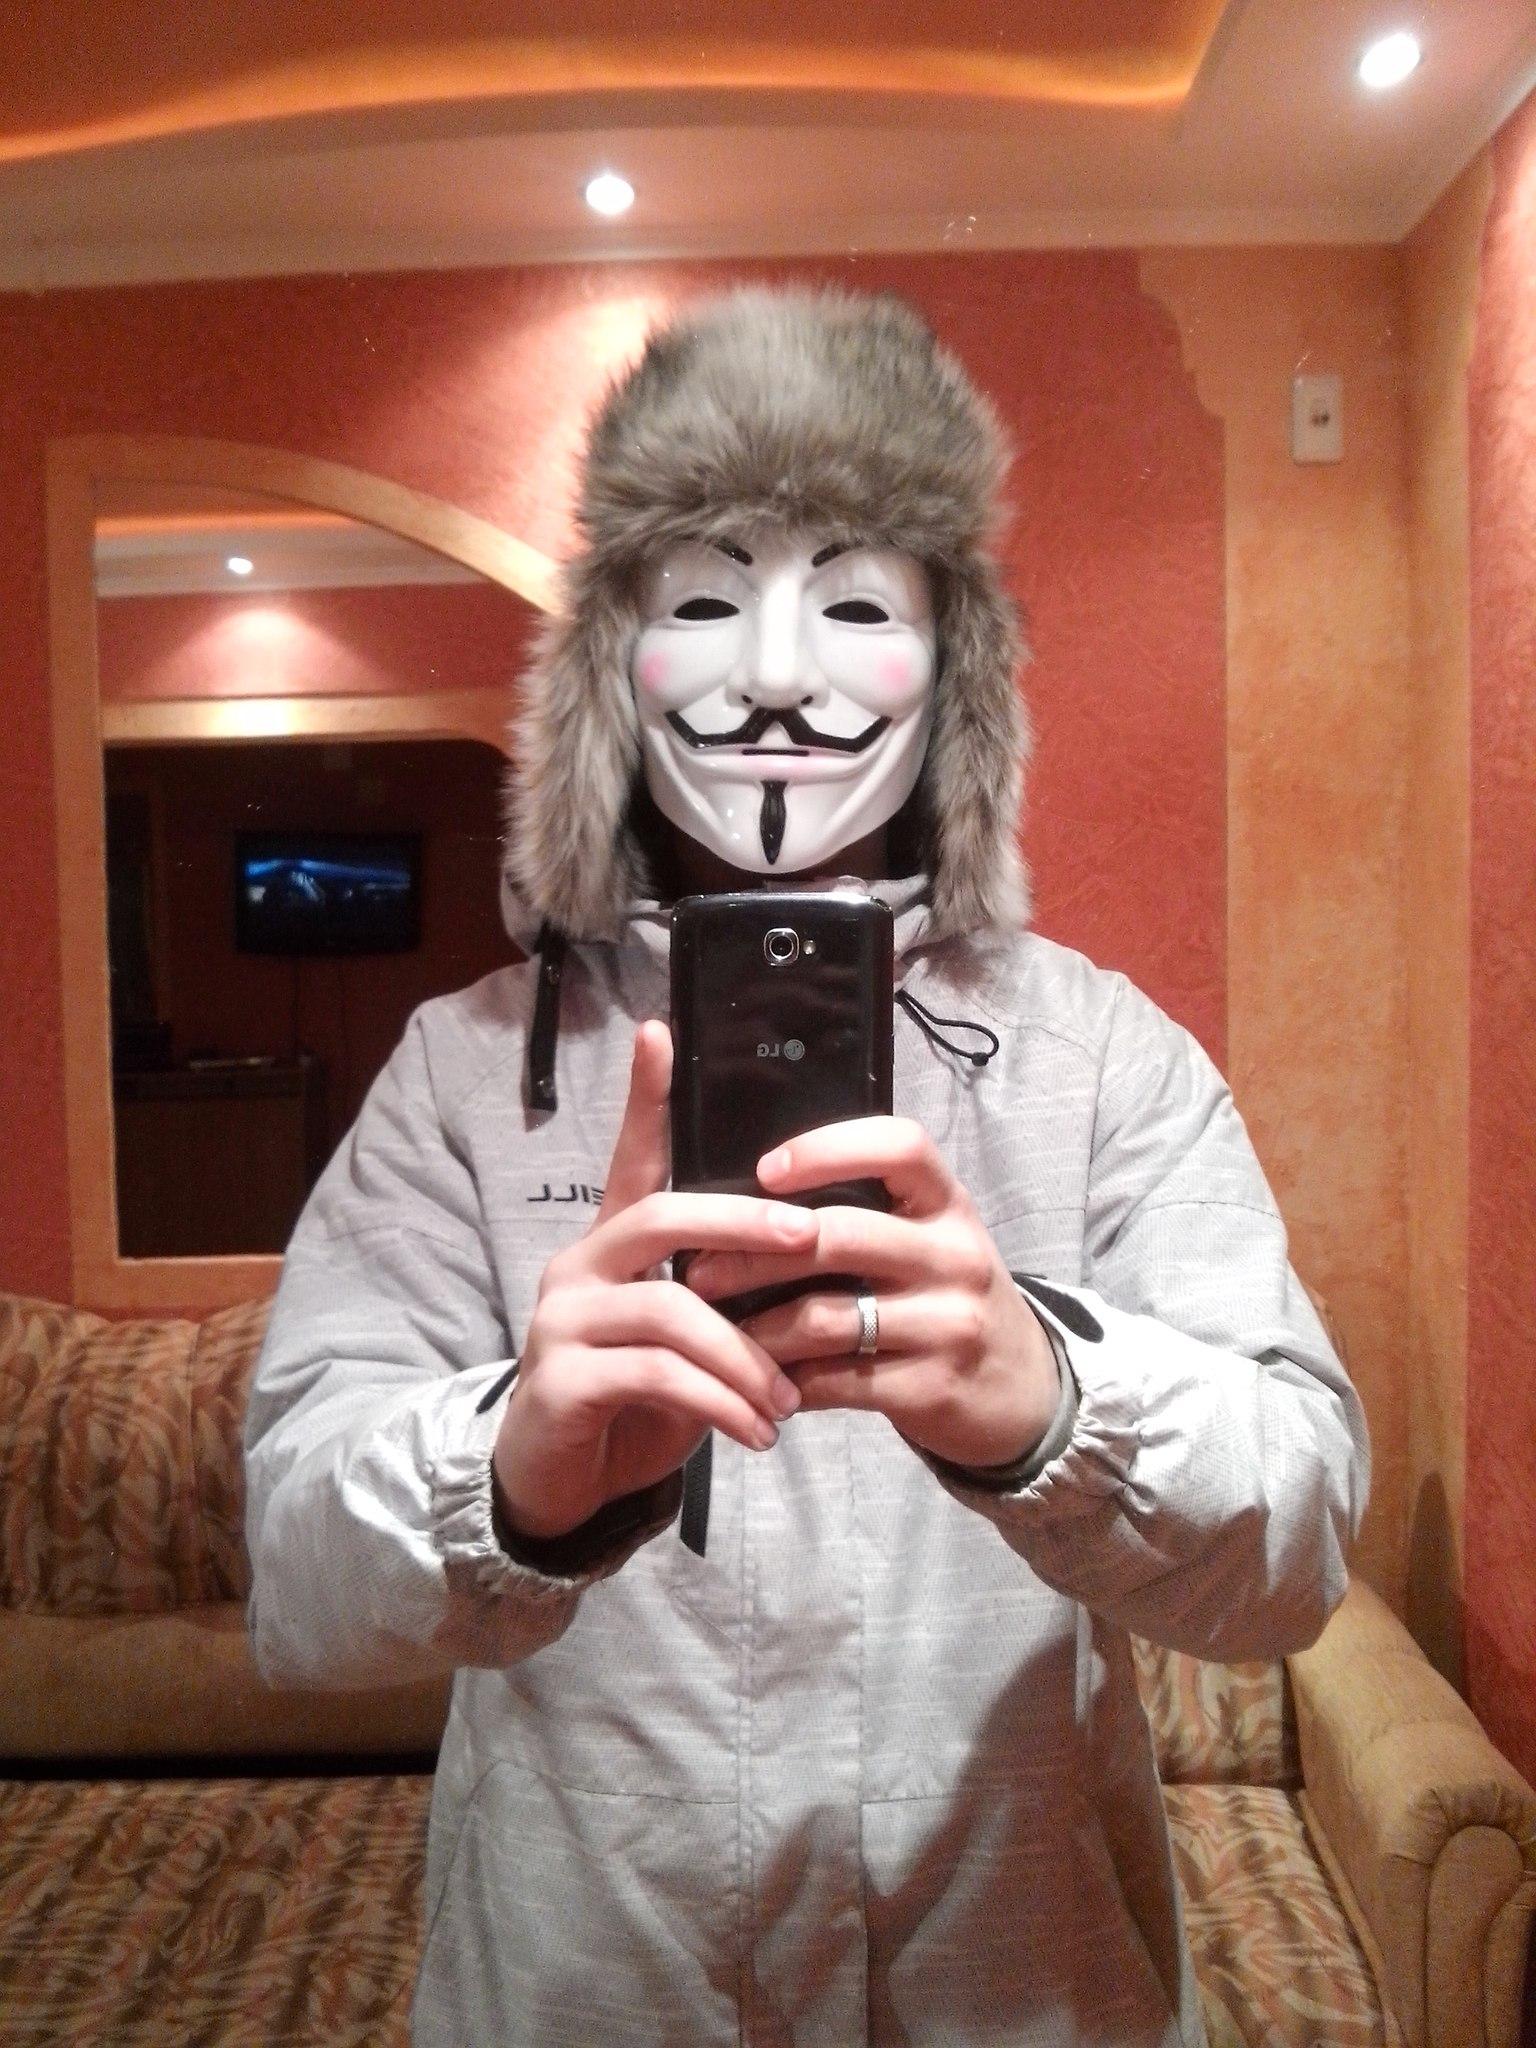 открутил картинки для пацанов в маске селфи считают, что